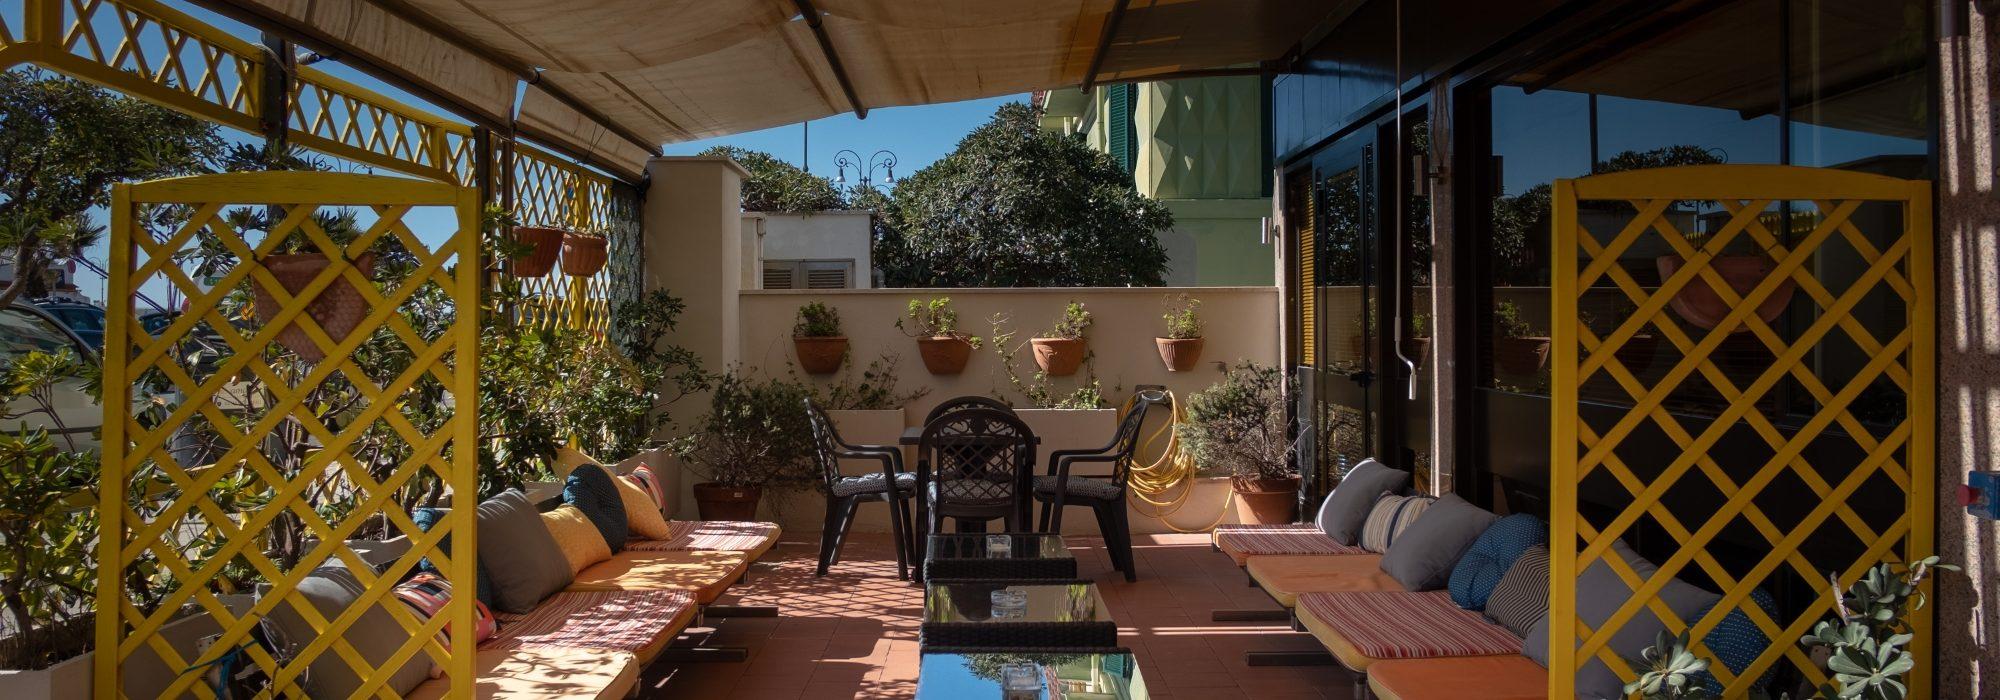 Offerte soggiorno hotel tre stelle sul lungomare di Ostia ...